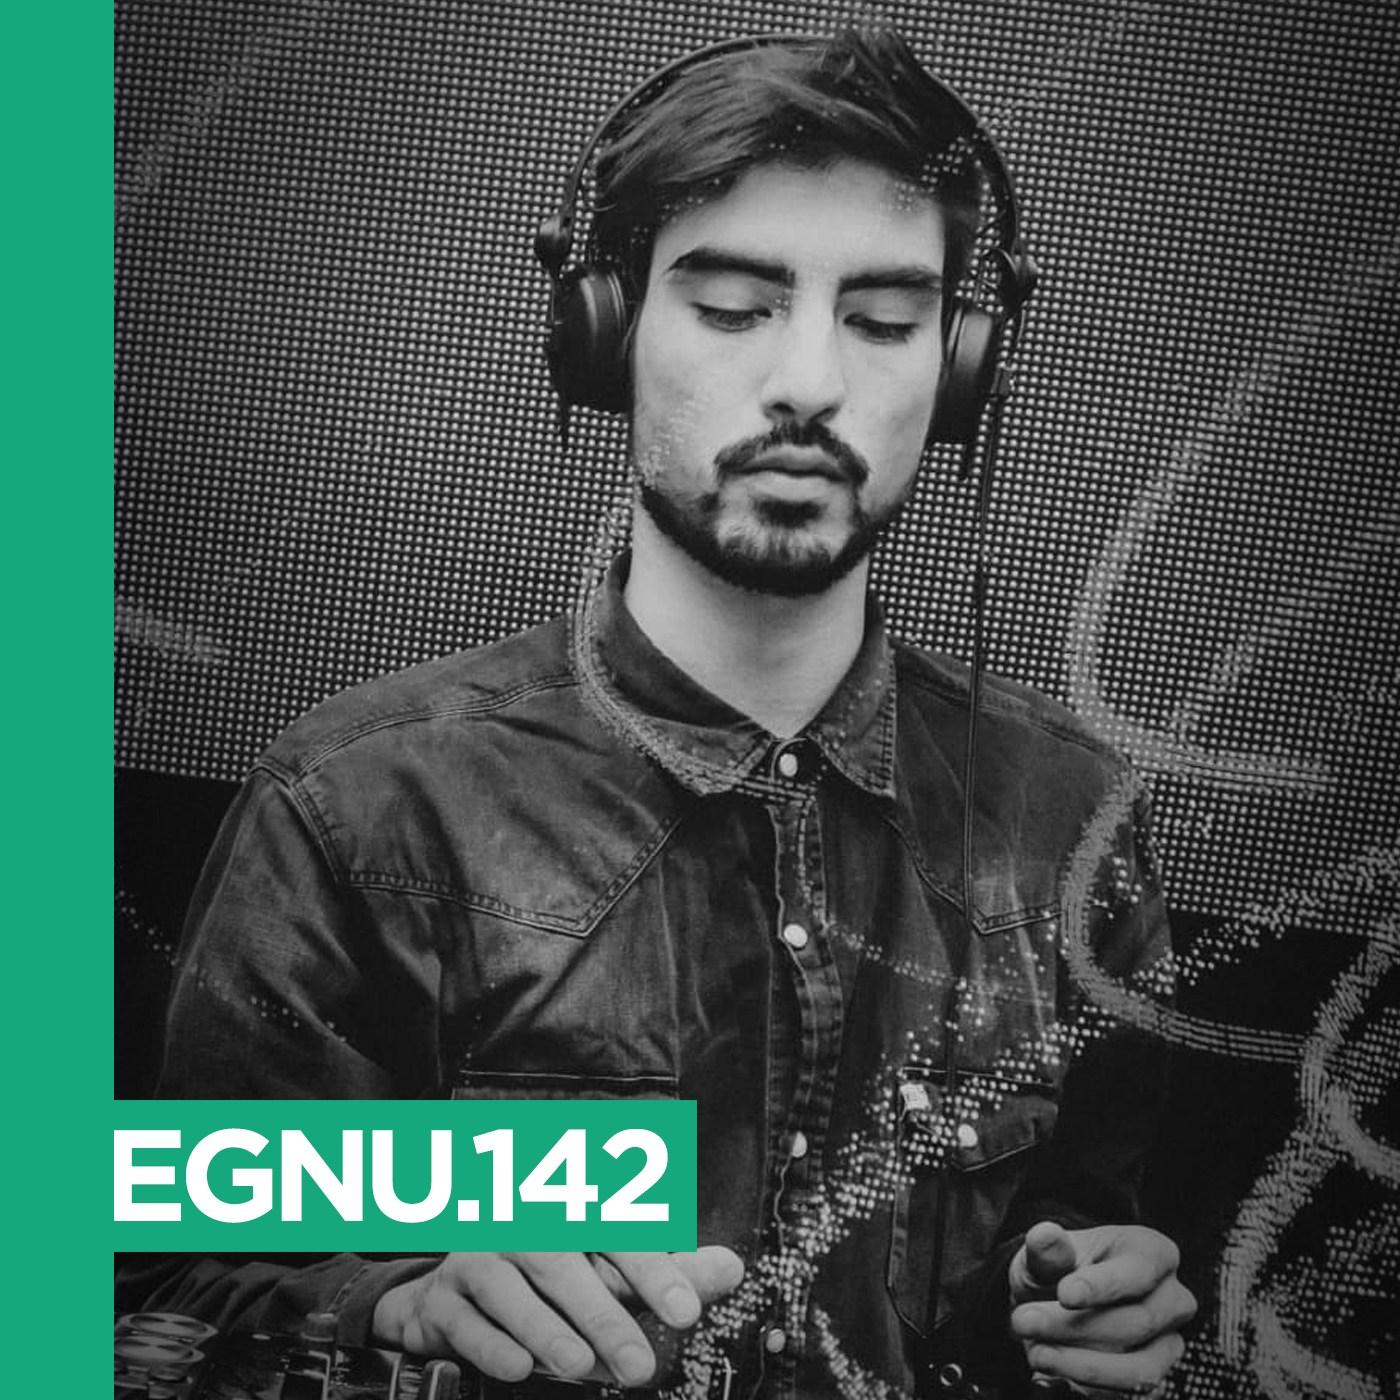 EG-NU-142-Diego-Moreira